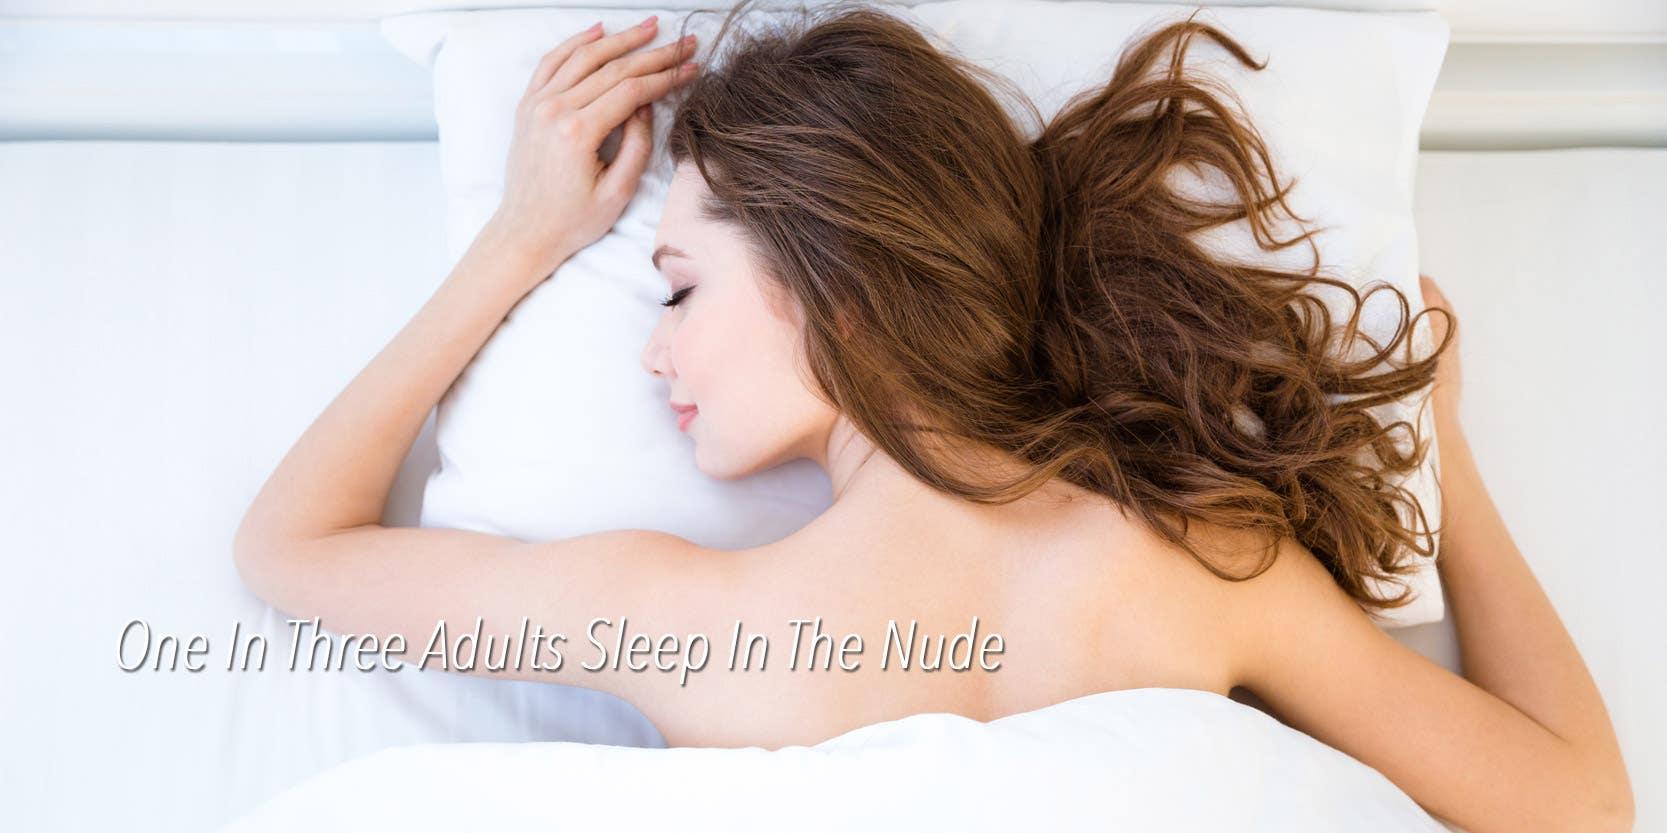 Sleep Nude